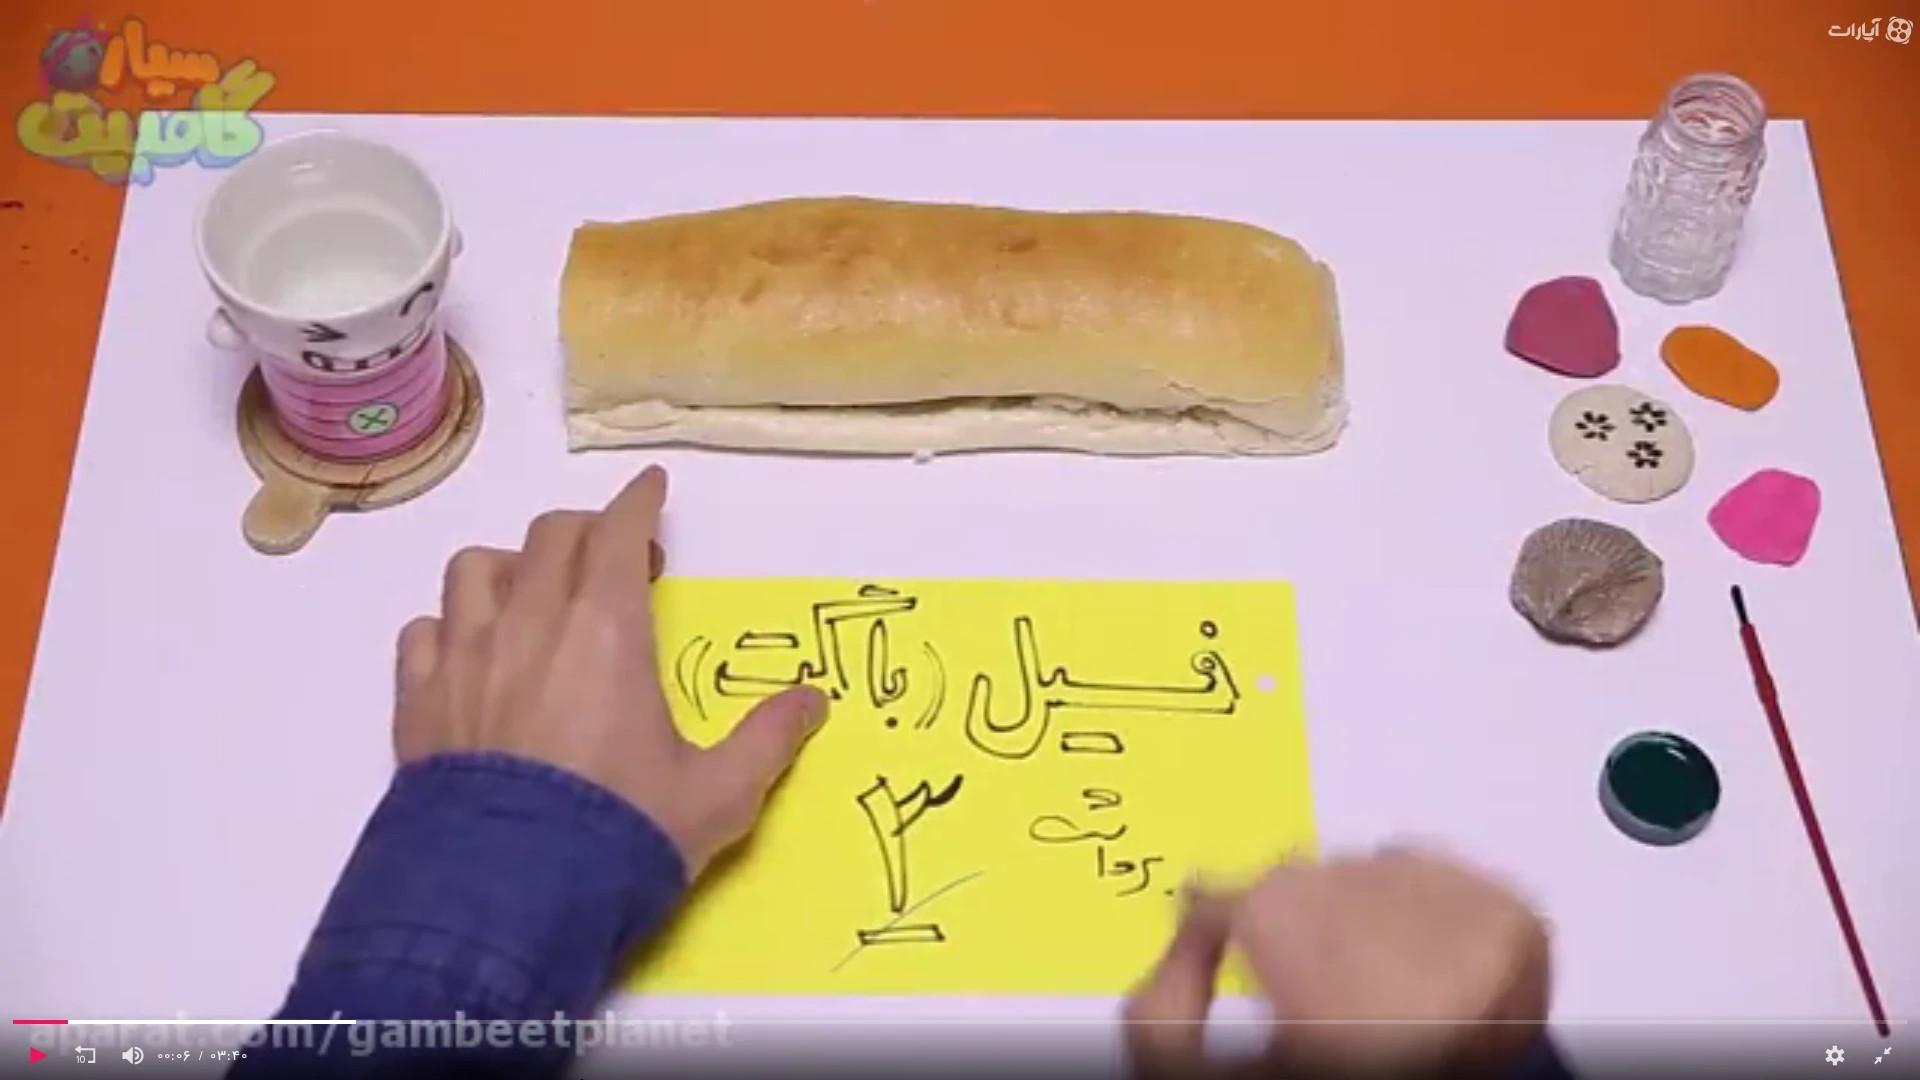 ساخت ماکت فسیل با خمیر نان